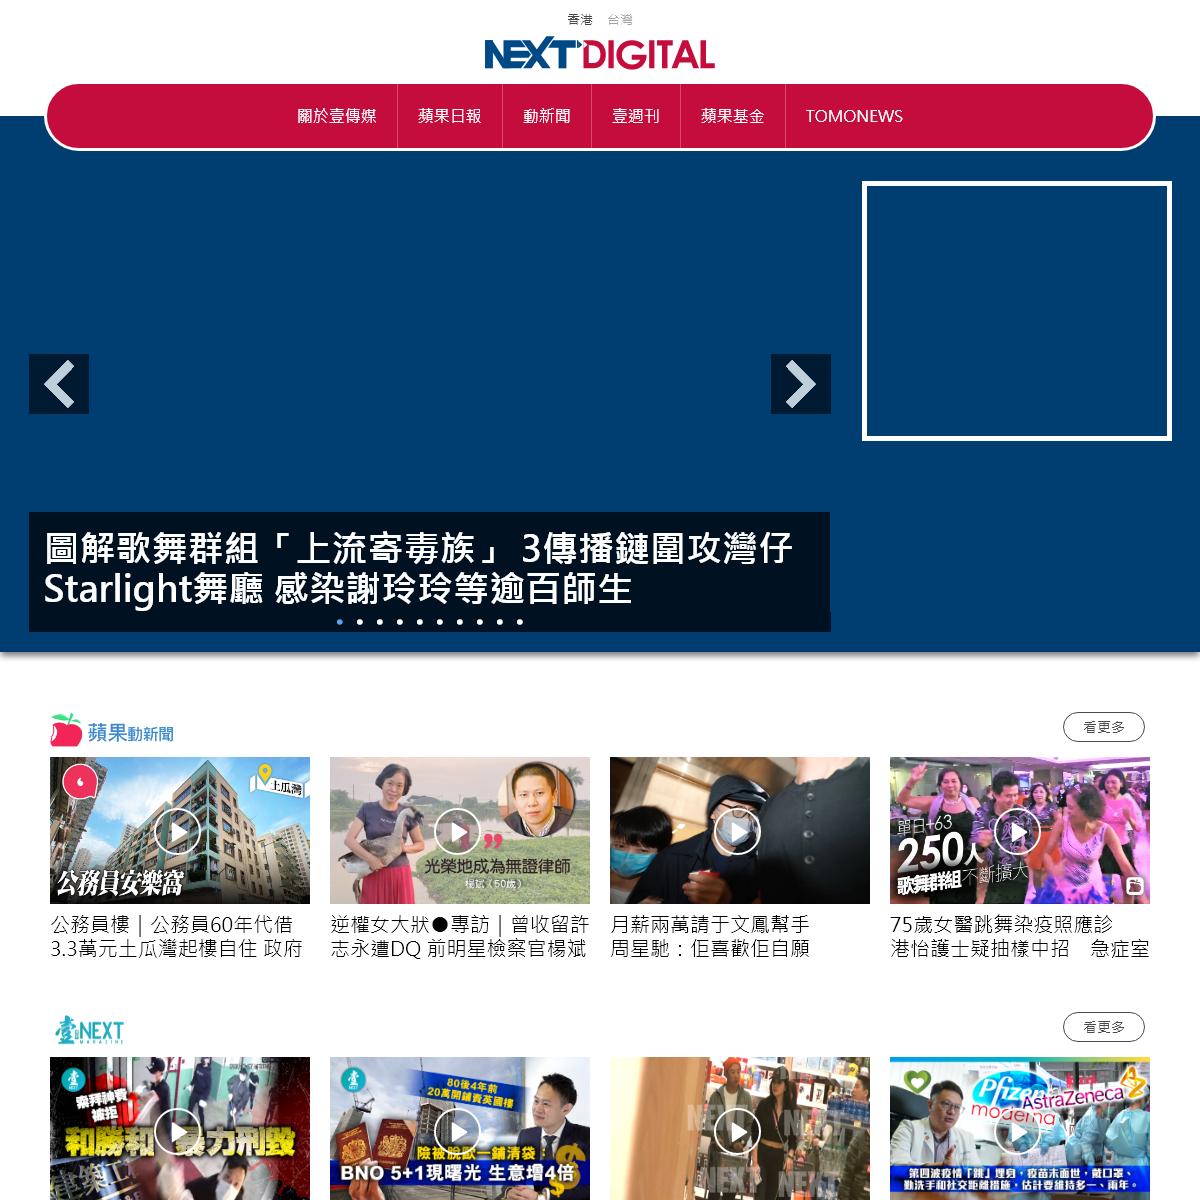 壹傳媒 - Next Digital